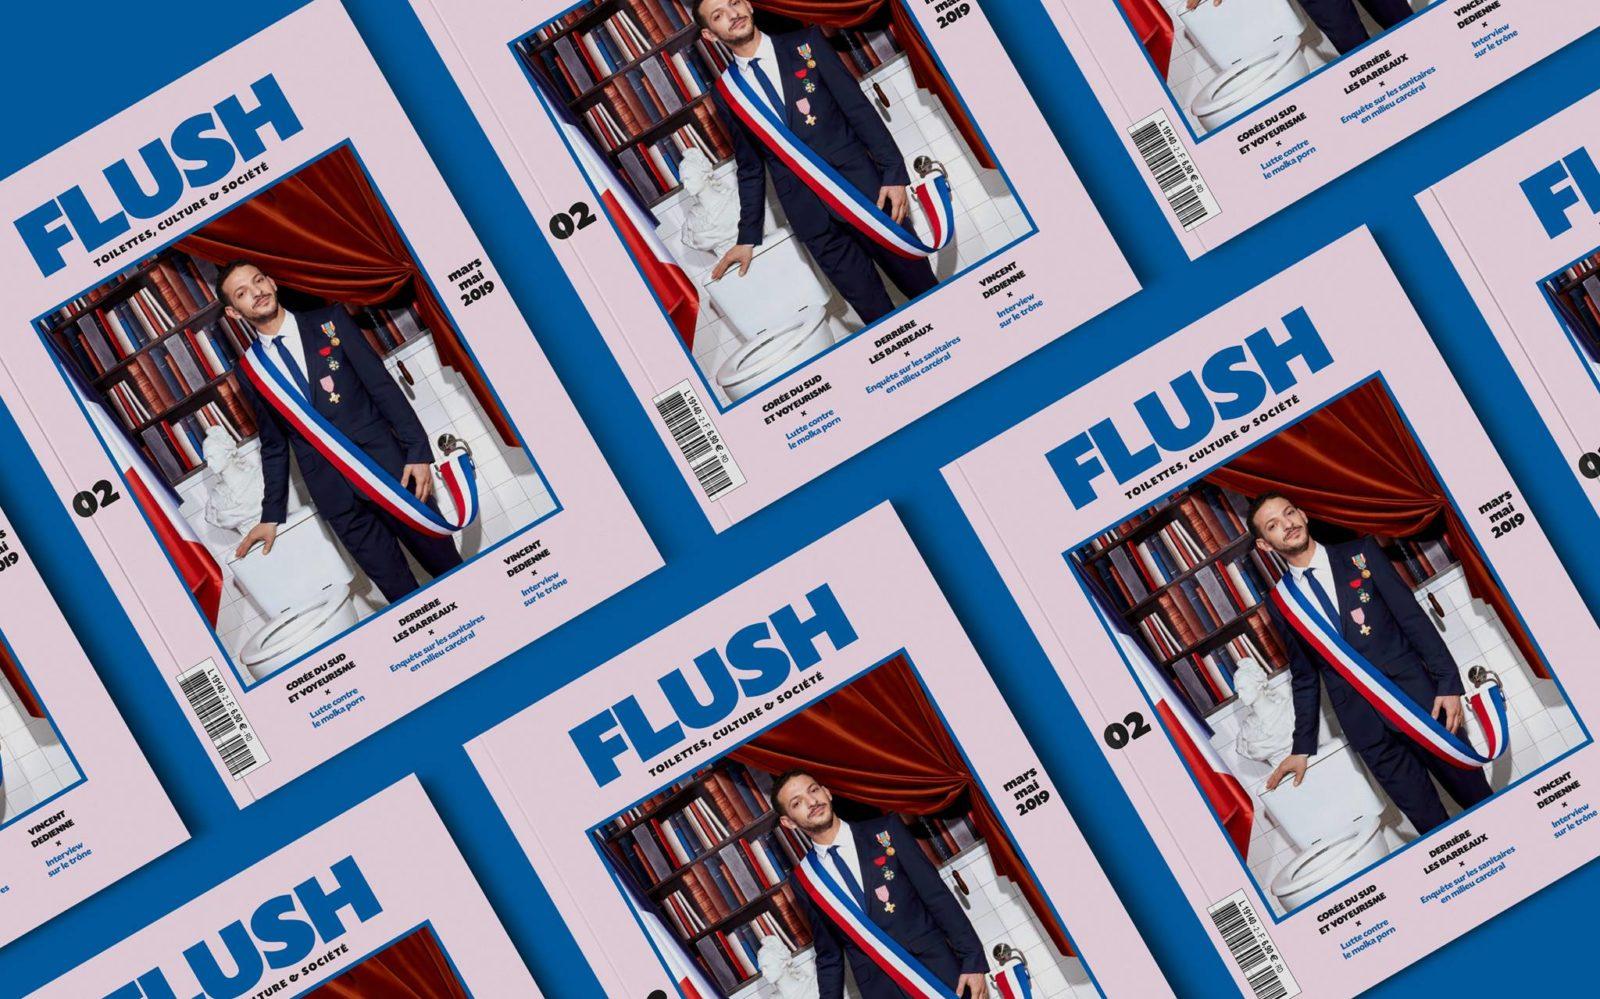 Flush Magazine